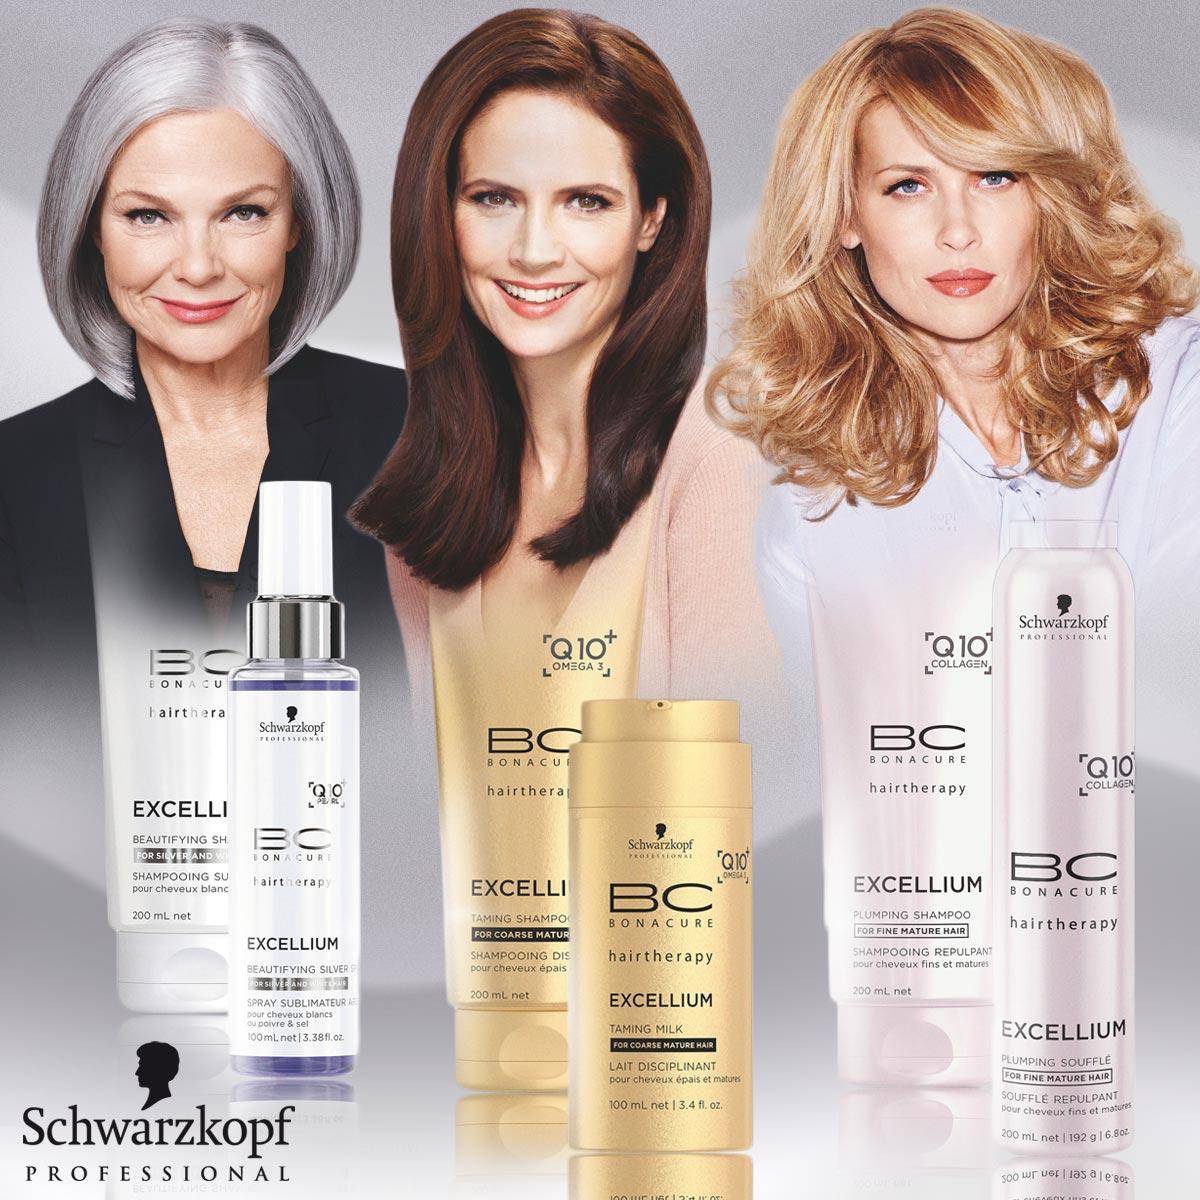 Schwarzkopf Professional letos fandí kráse v každém věku. Ke kolekci účesů pro starší ženy nechybí ani speciální vlasové kosmetika BC EXCELLIUM Q10 +. pro problémy zralých vlasů.